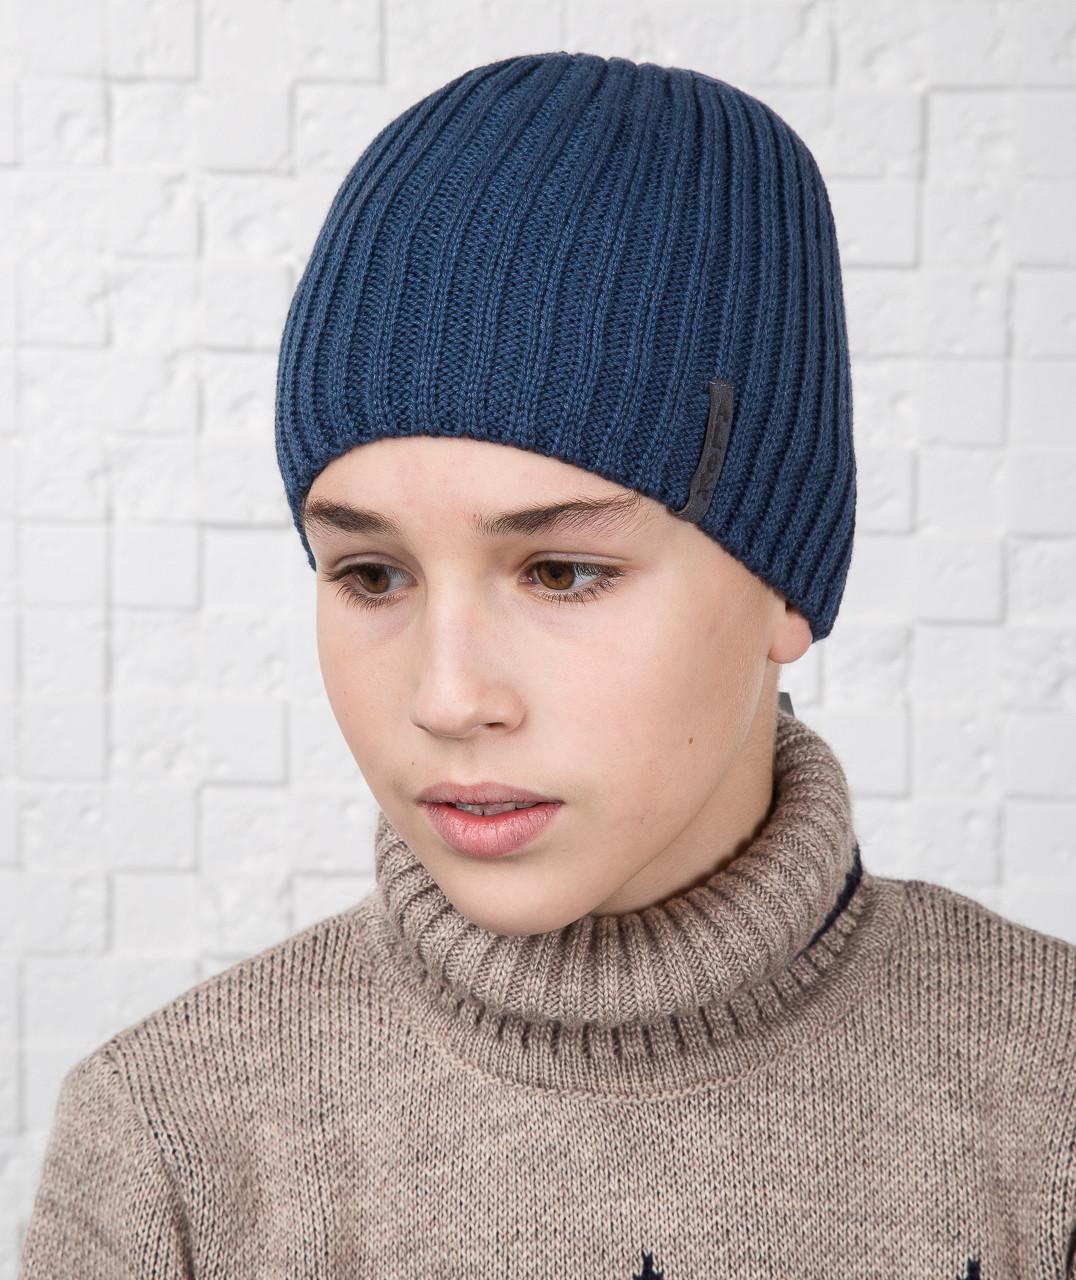 Стильная шапка для мальчика подростка на флисе - Артикул AL17040